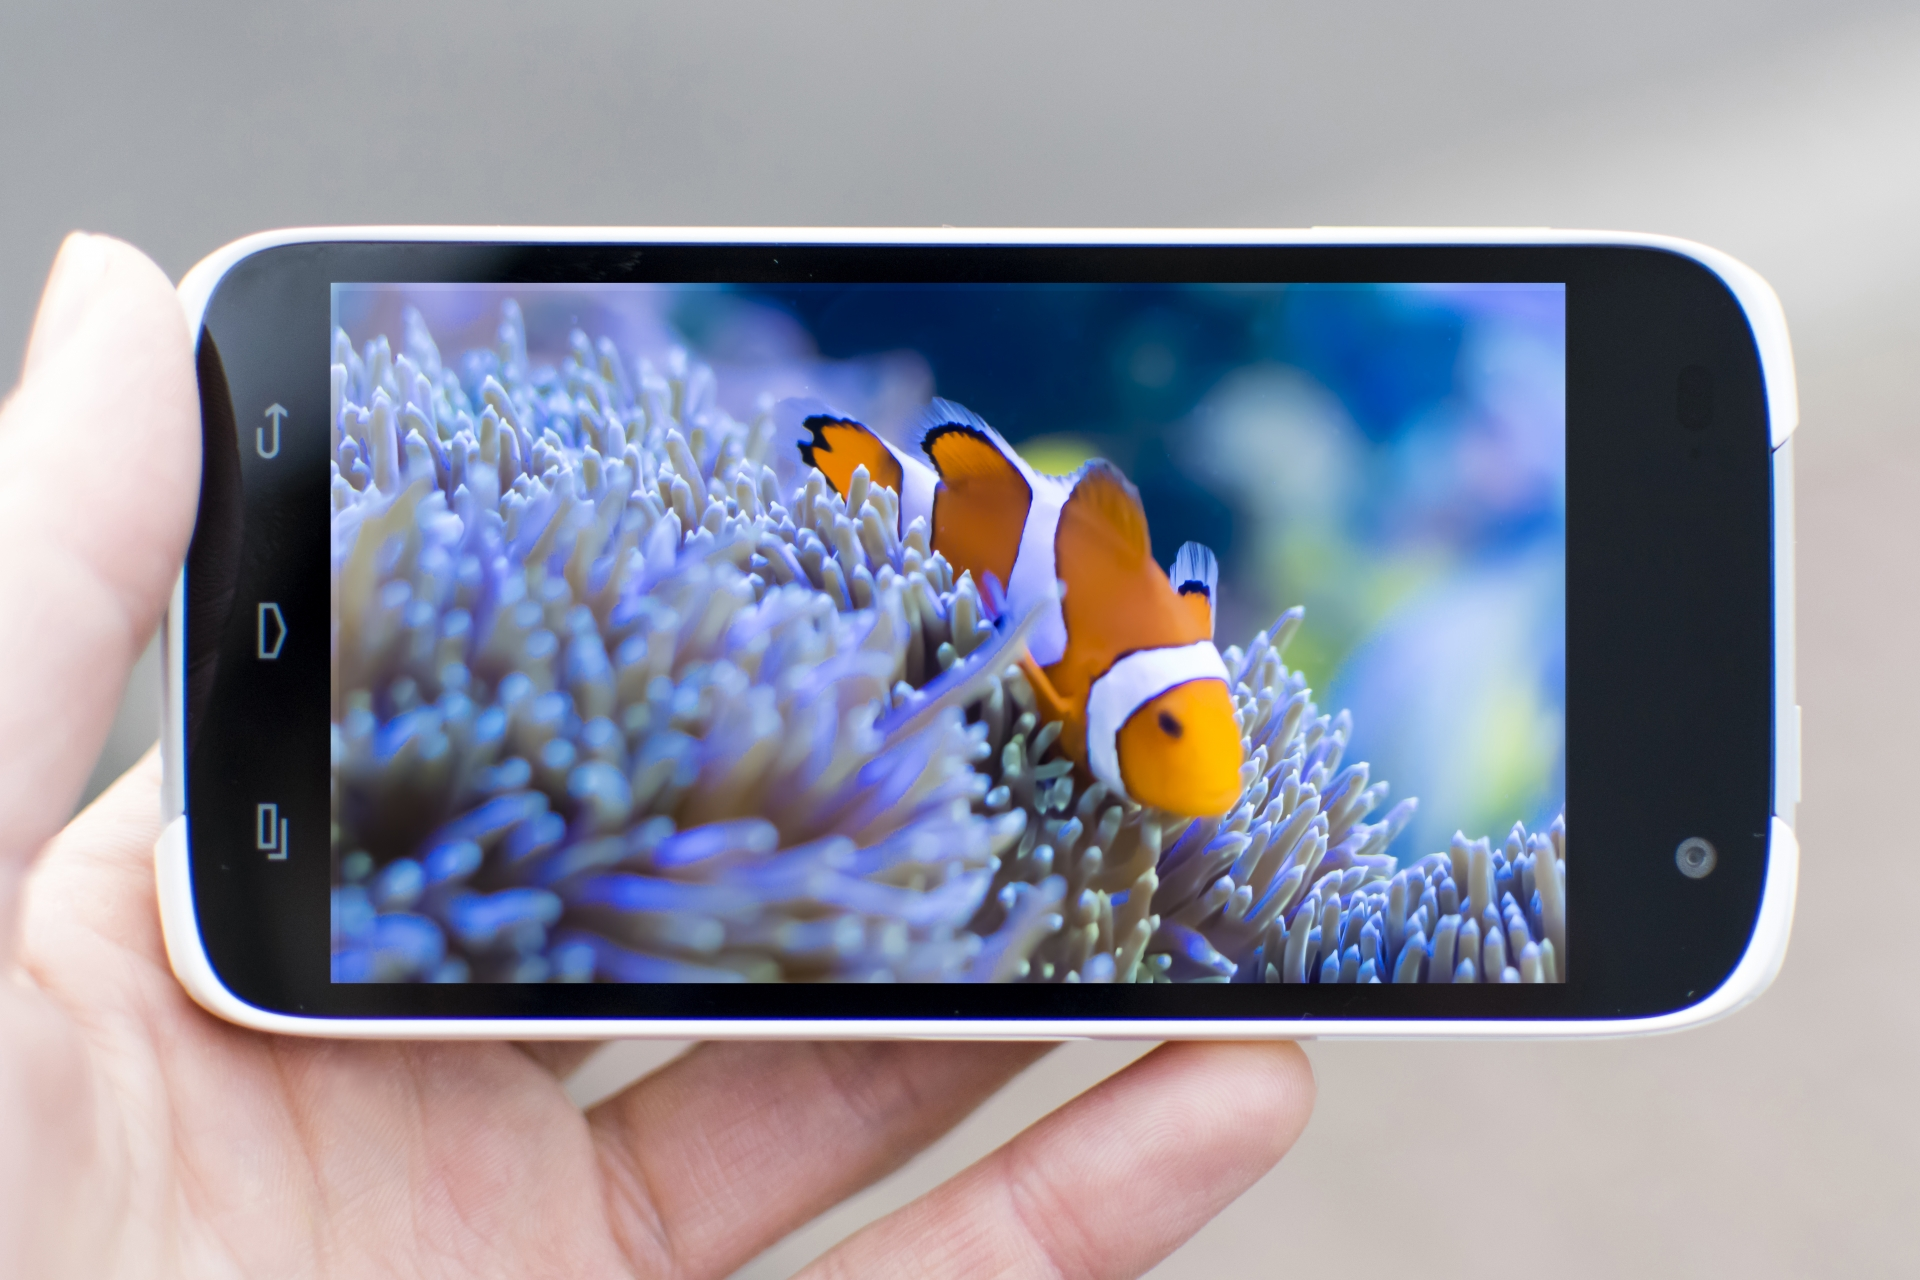 iPhone・iPadでテレビ視聴|リアルタイムにワンセグ・フルセグを見る方法